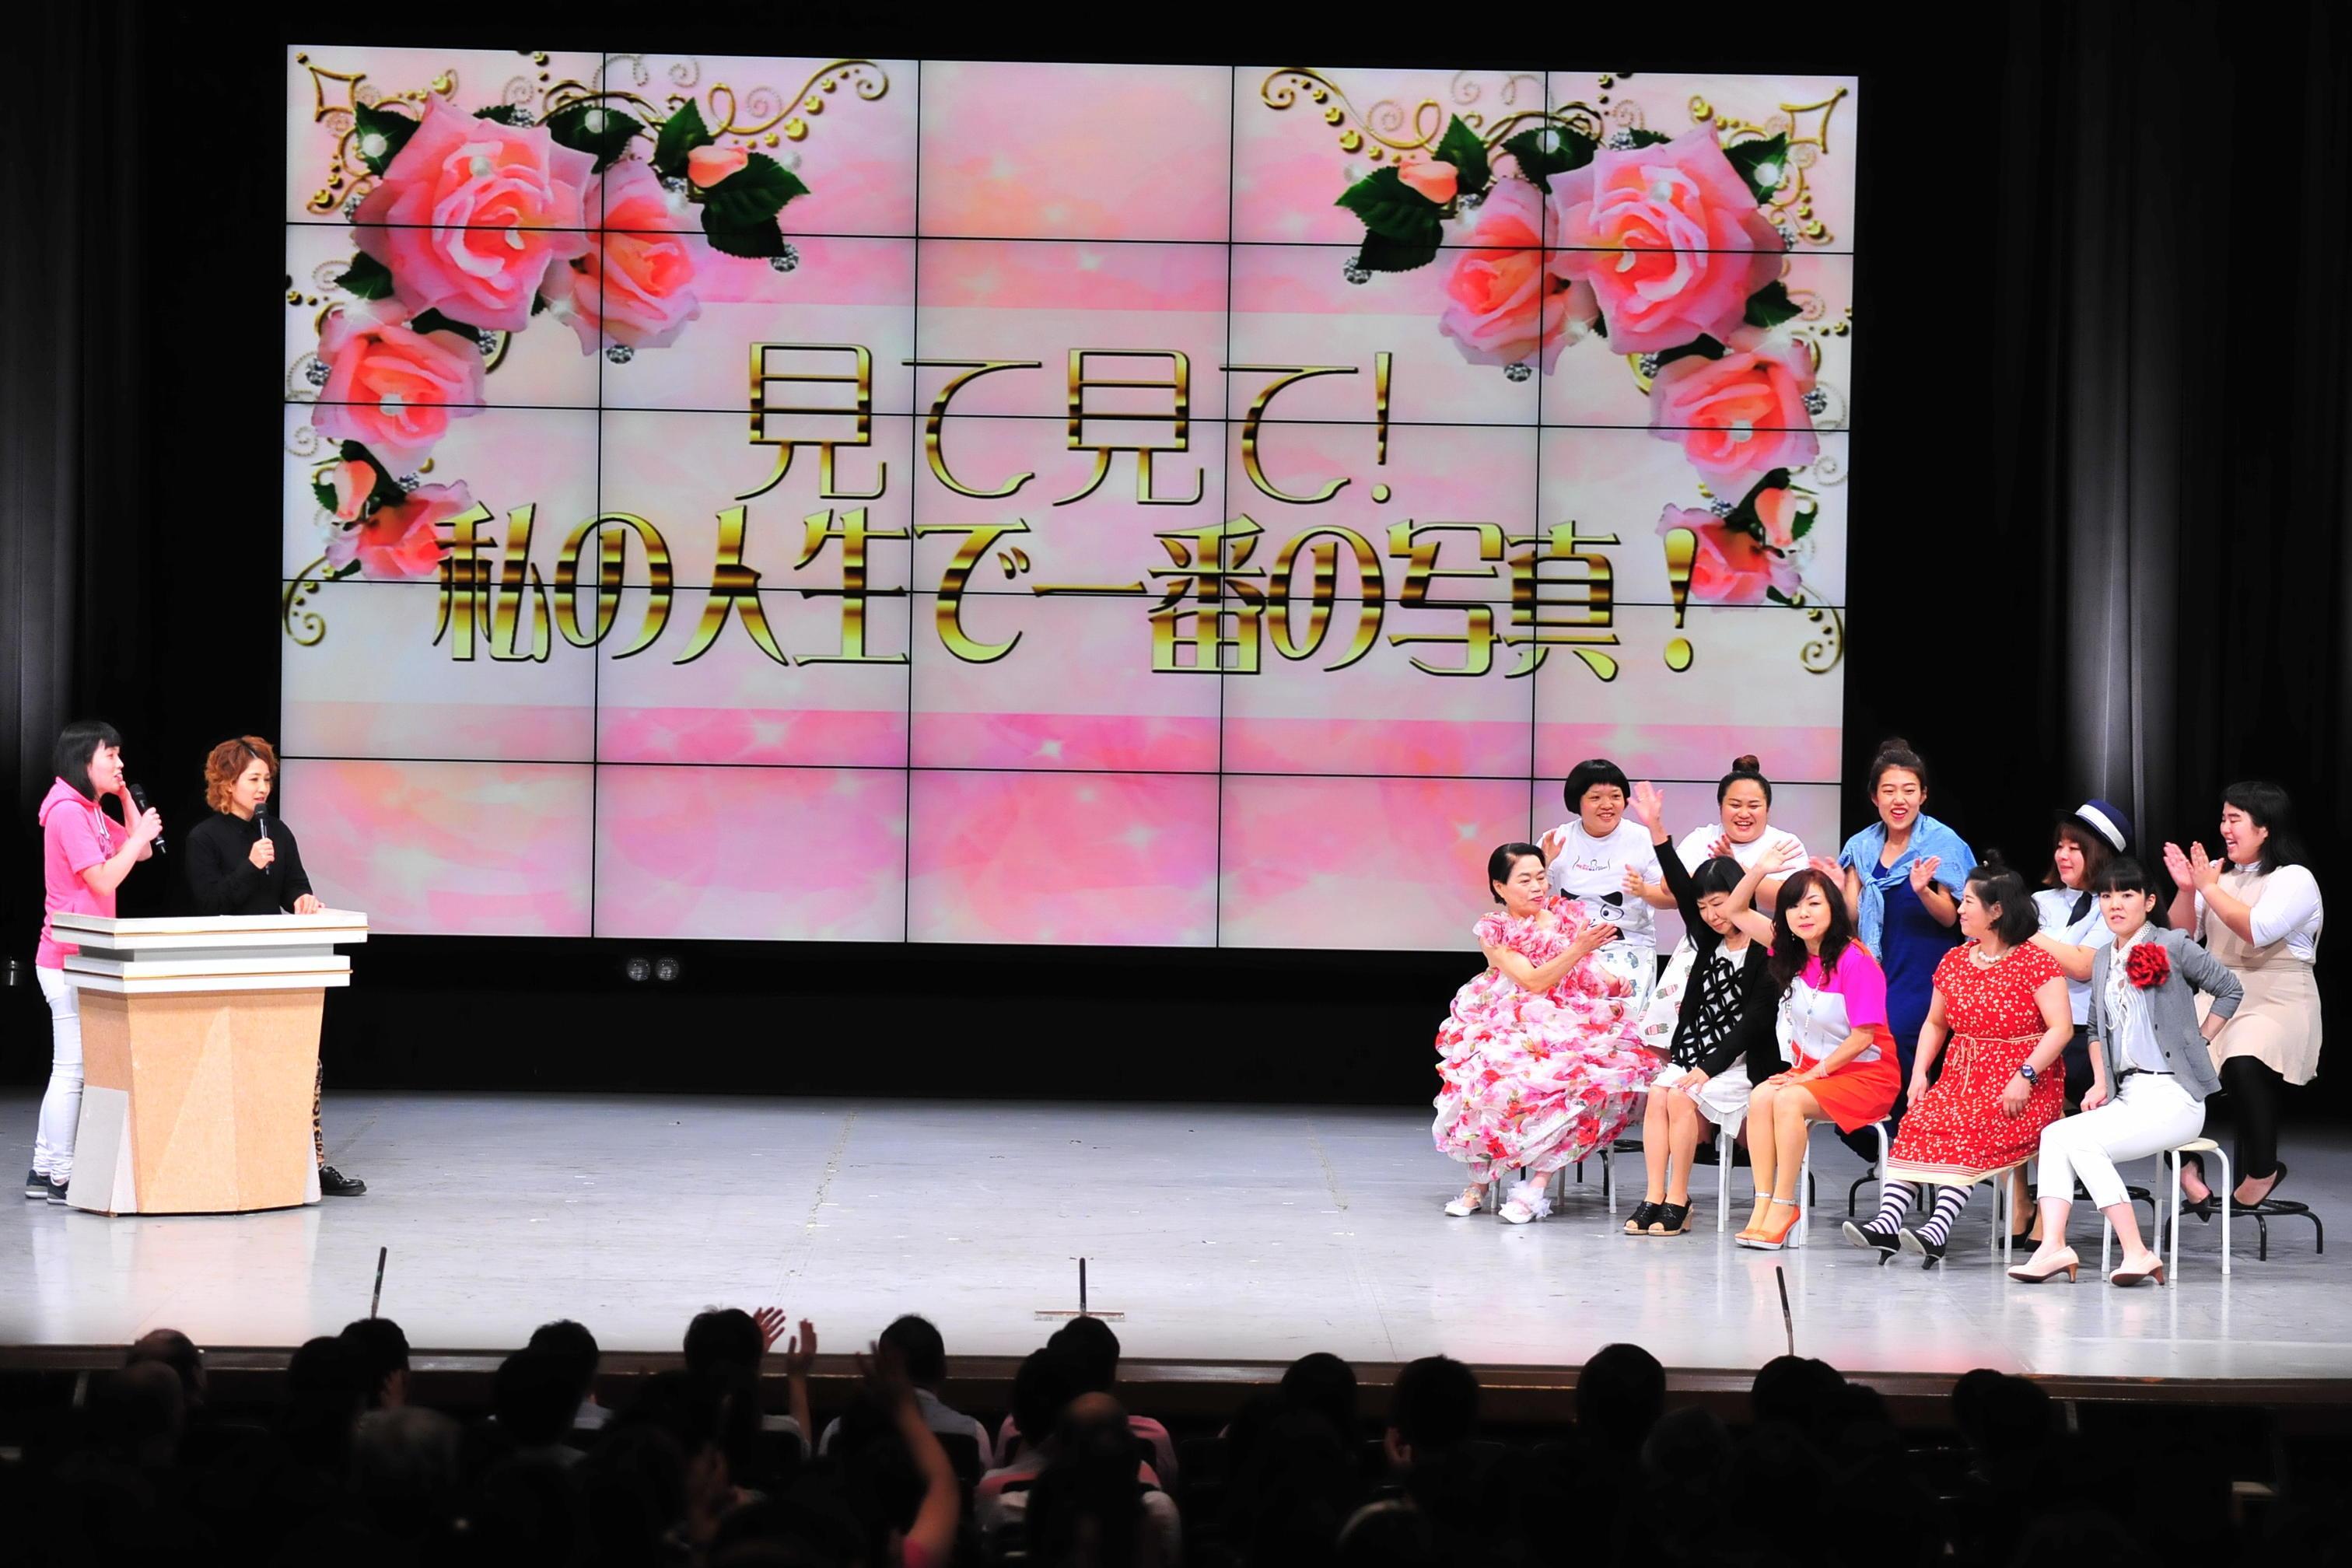 http://news.yoshimoto.co.jp/20160908200847-7d0aac90f053dce18e5b559ceaa29fd96de1e01e.jpg